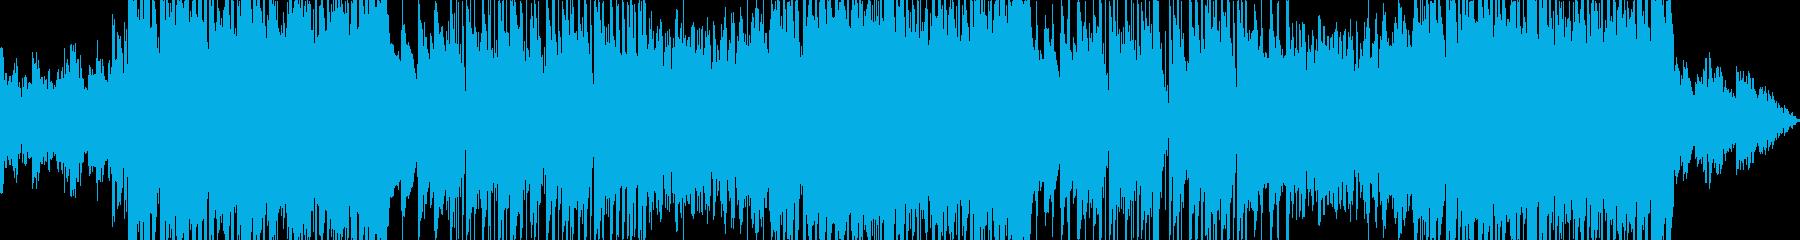 優しいベルとピアノのトラップビートの再生済みの波形